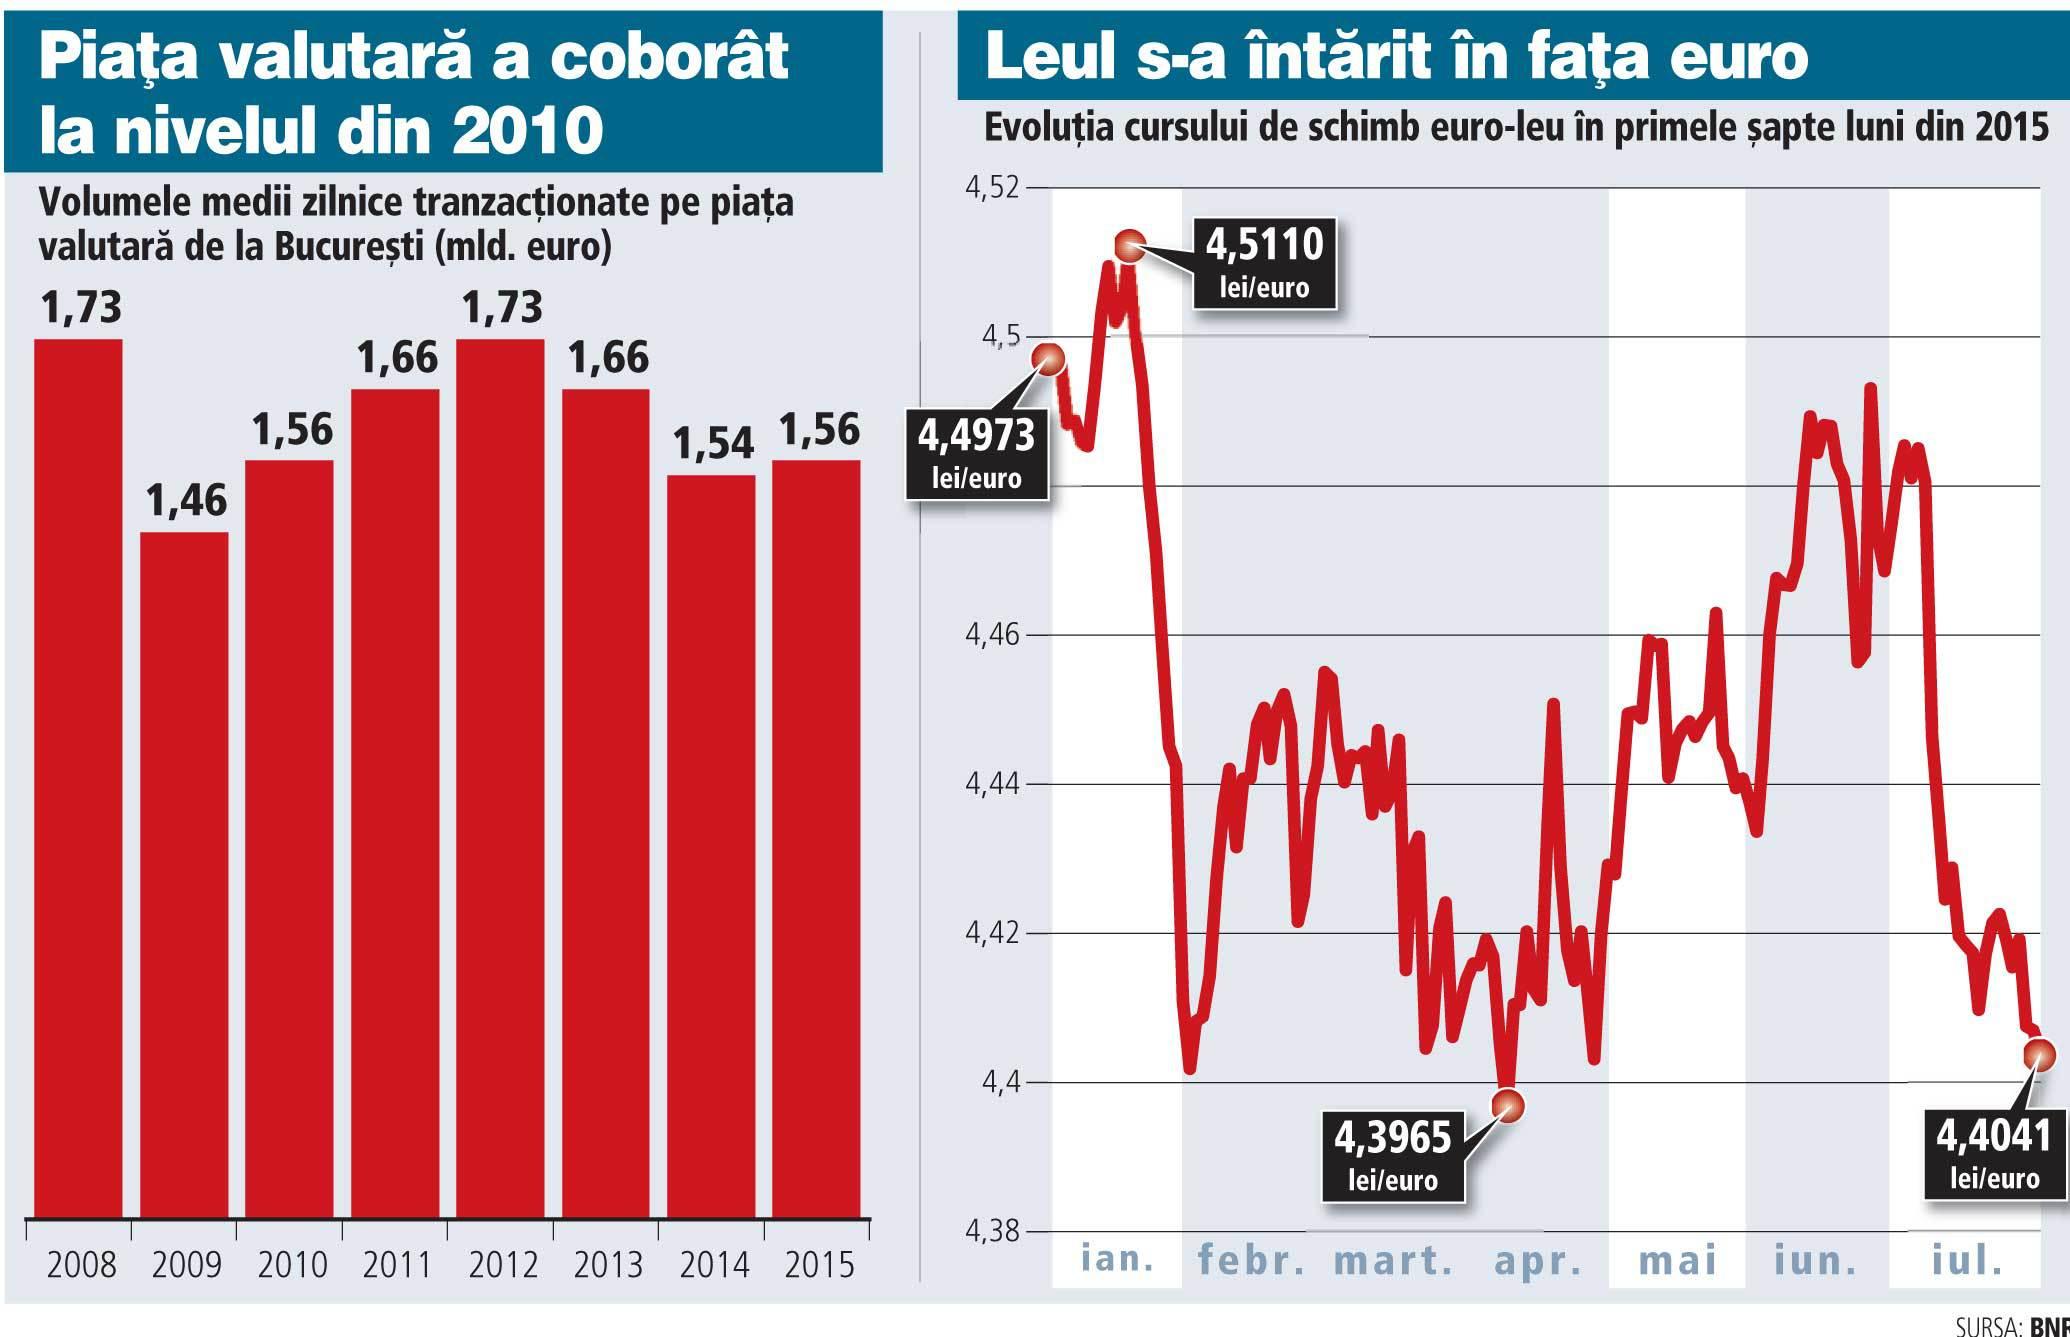 Piață valutară